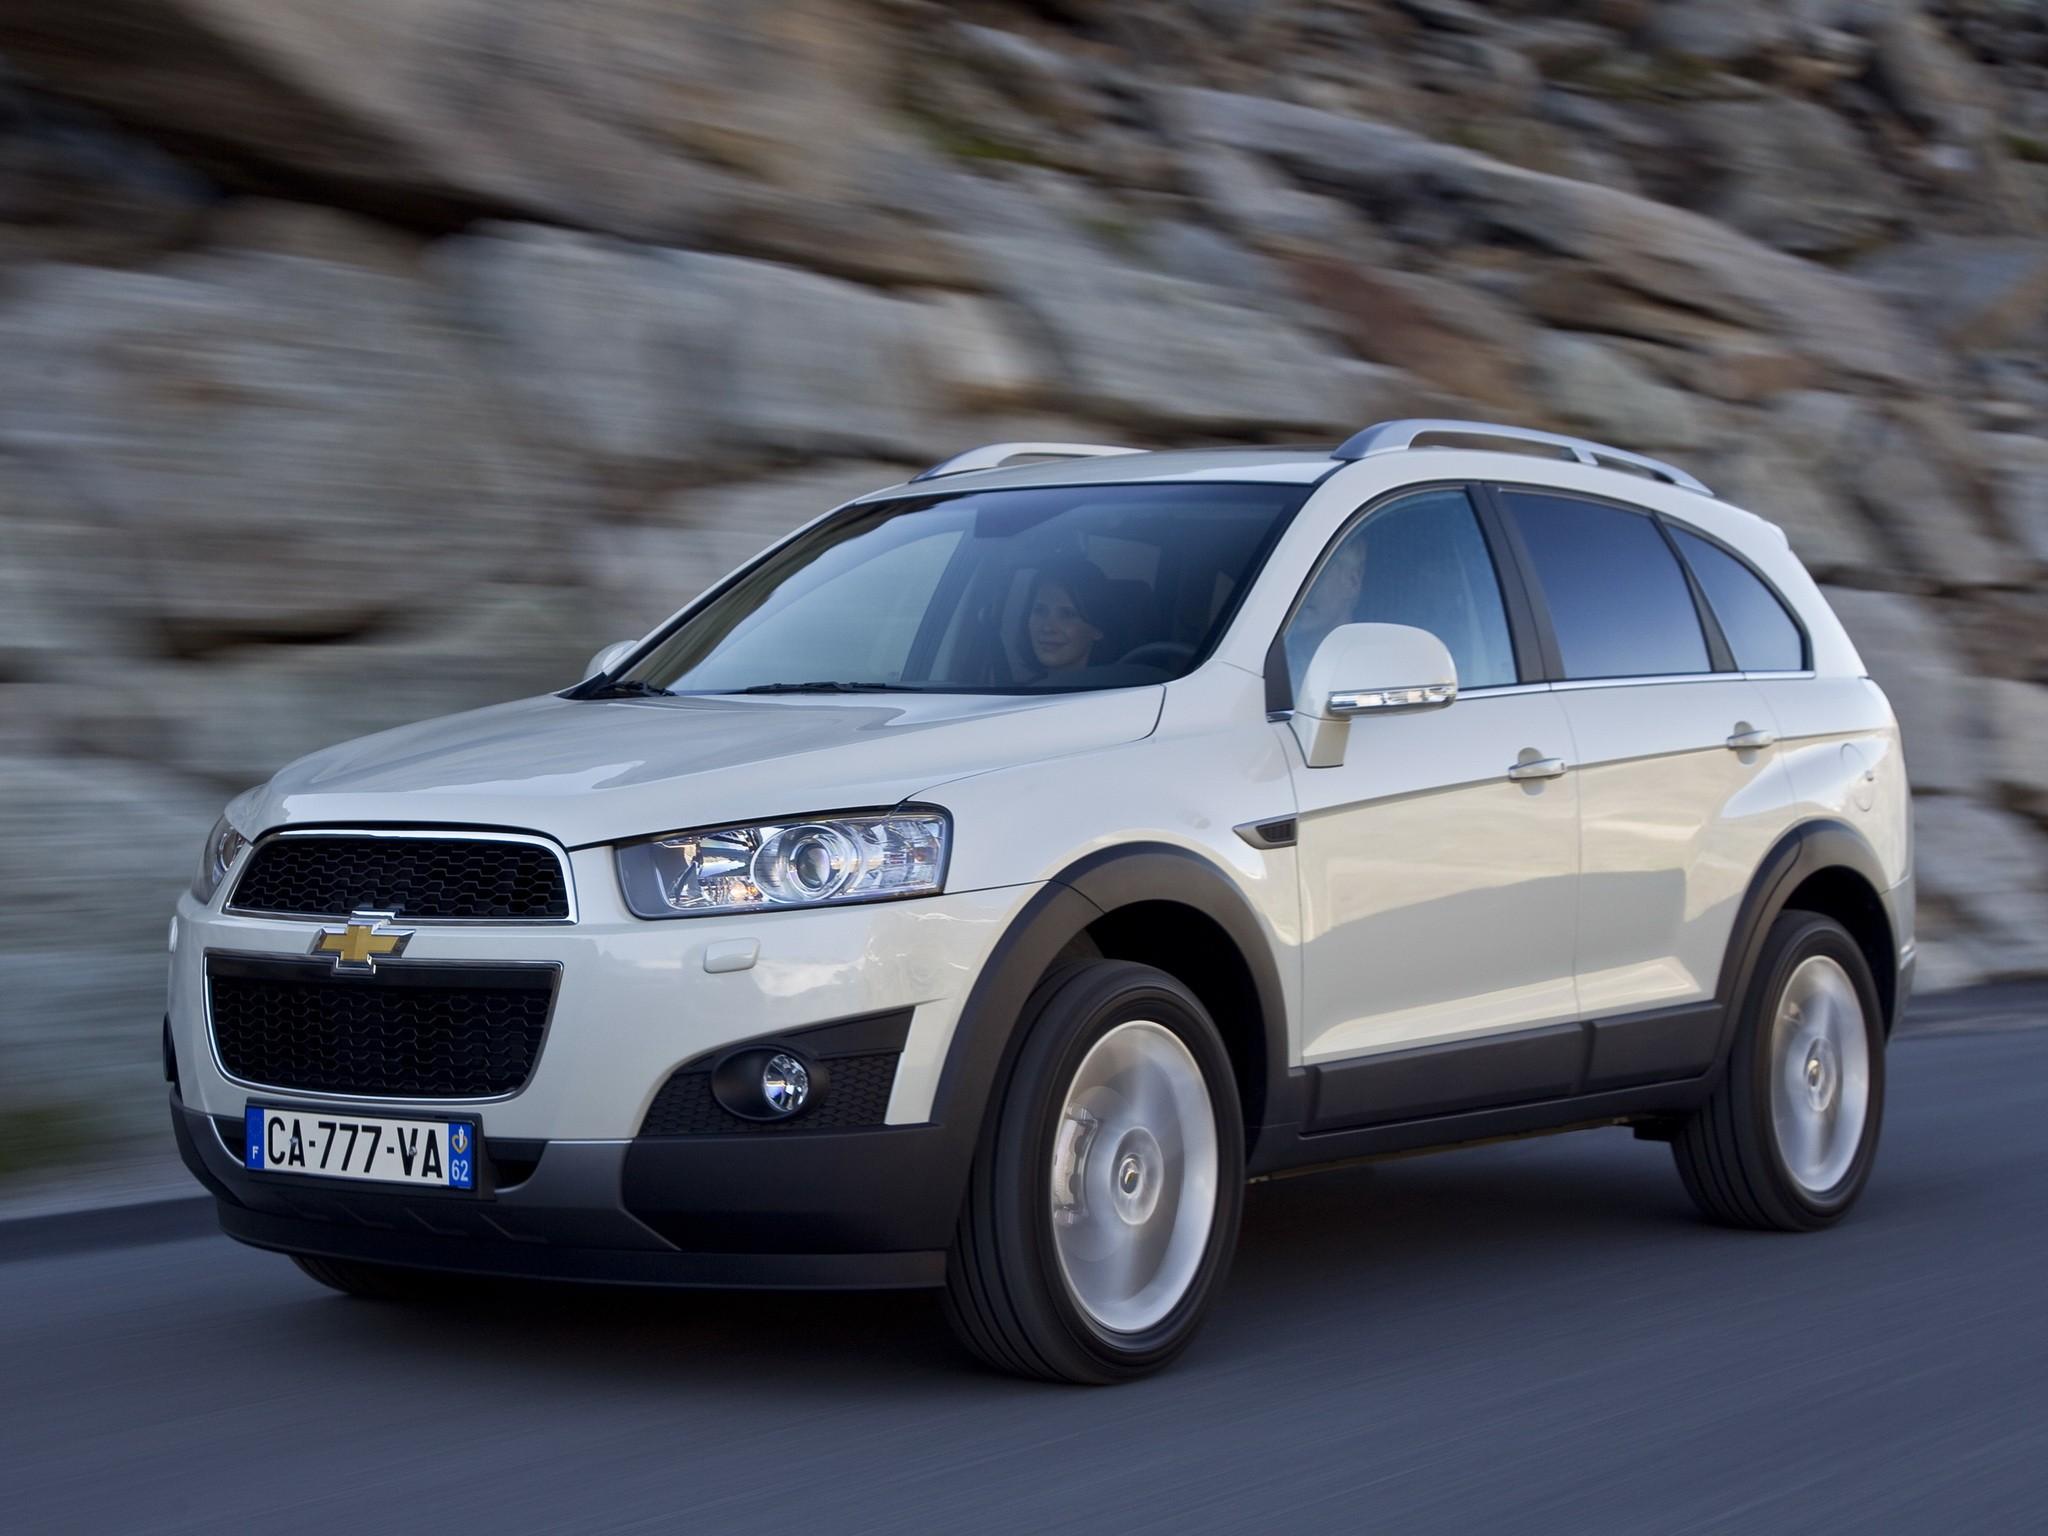 Kekurangan Chevrolet Captiva 2011 Perbandingan Harga